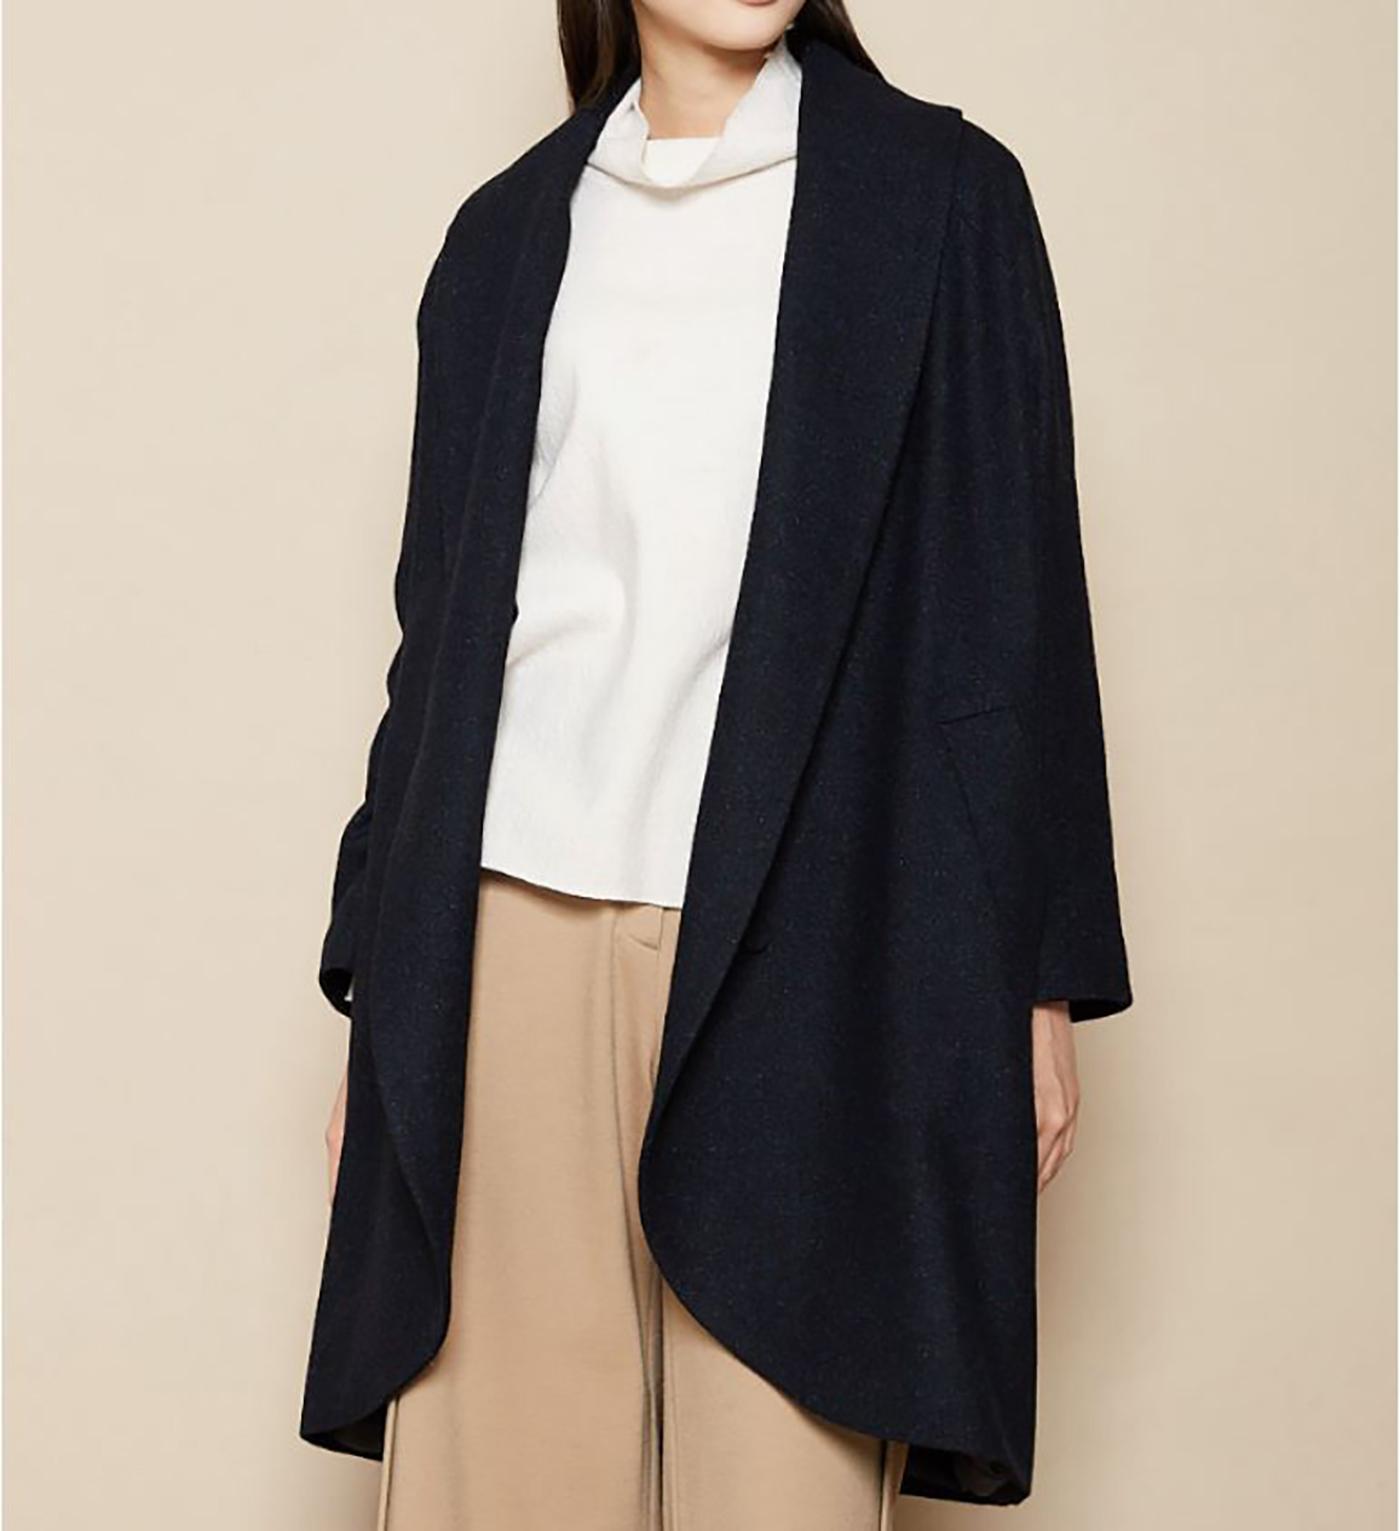 은하수 울실크 코트/요즘 같은 날씨에 입기 딱 좋은 은하수 울실크 코트 상세이미지3